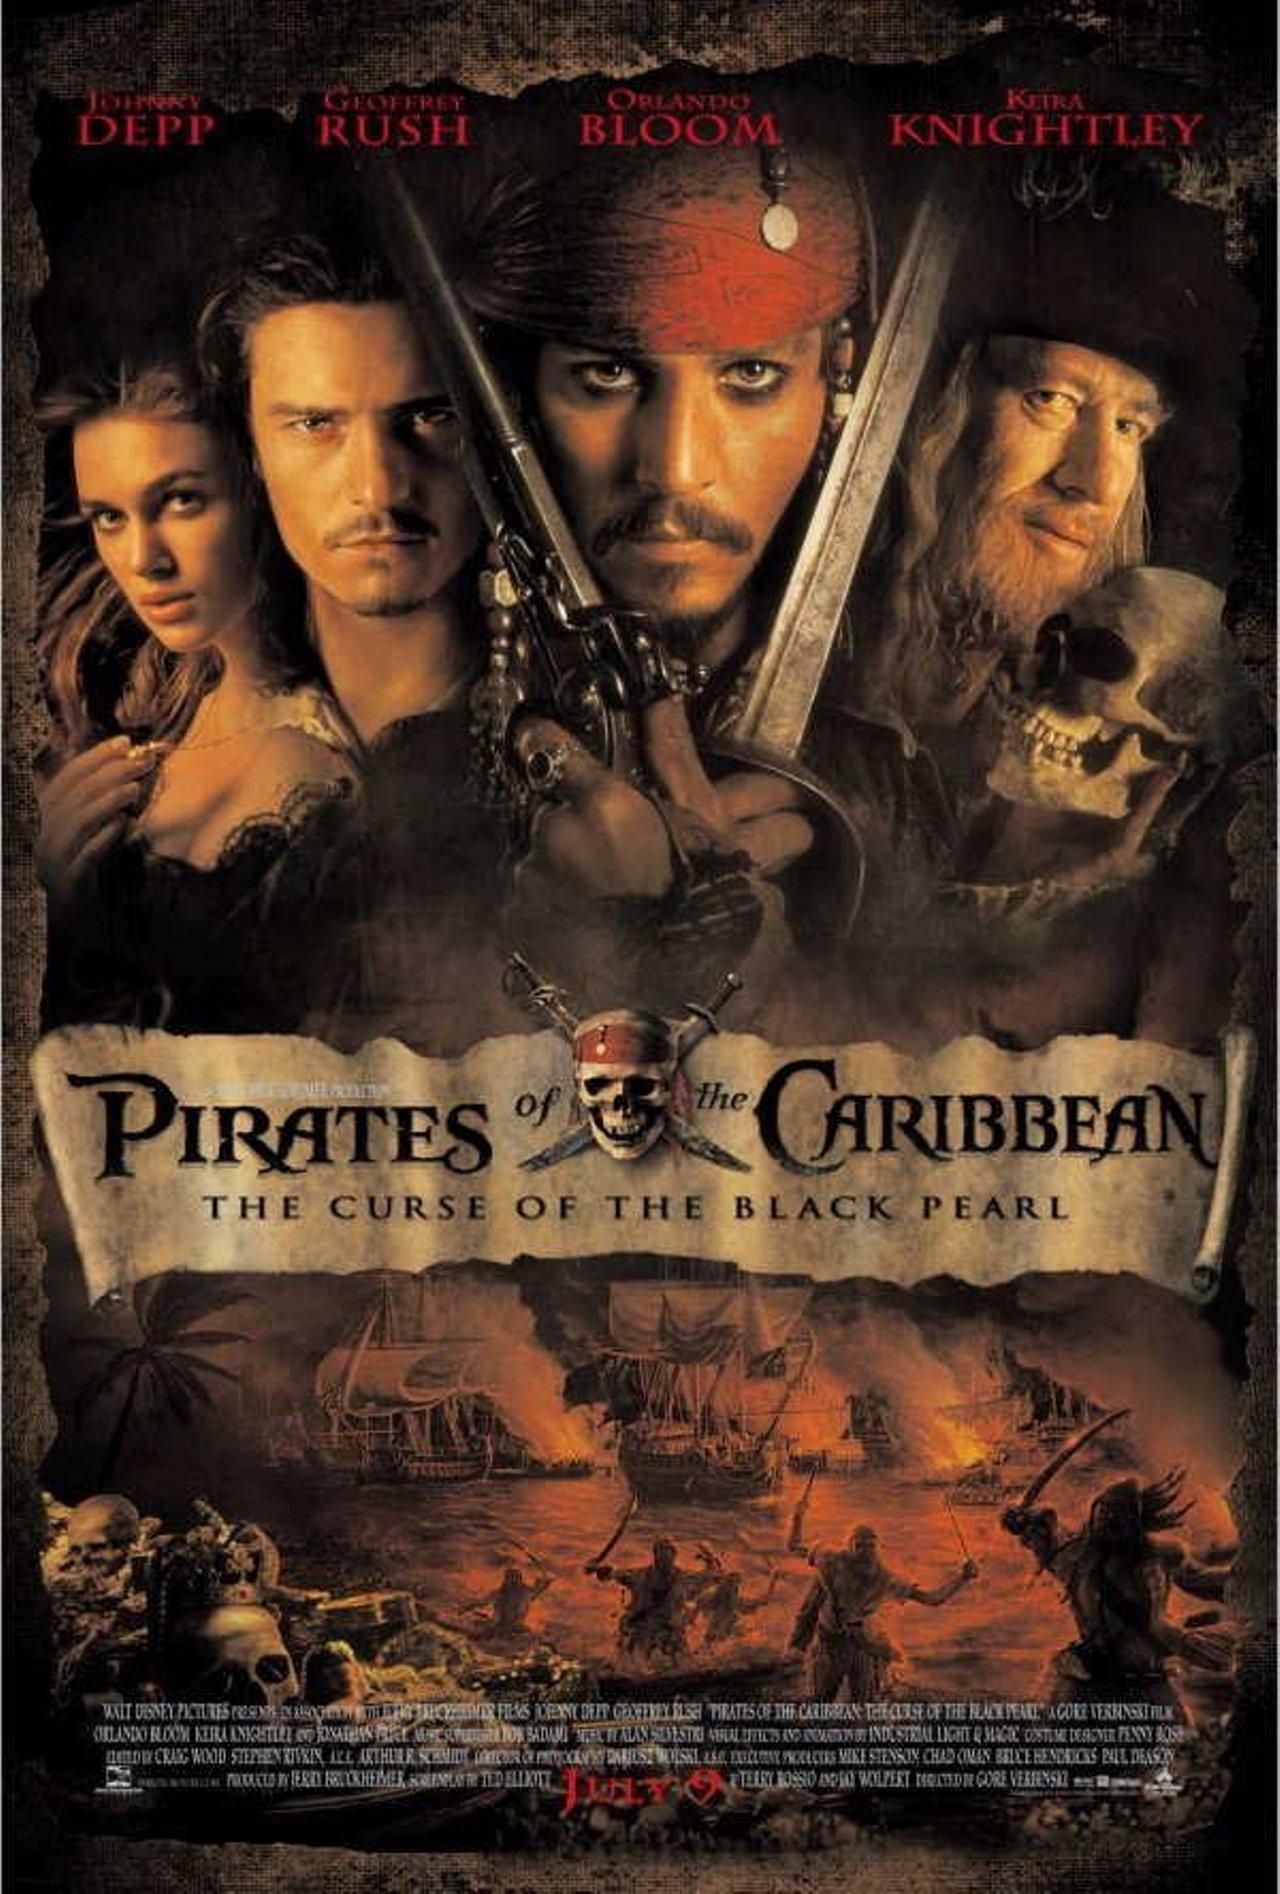 Пираты Эгейского моря (2 15) смотреть онлайн бесплатно